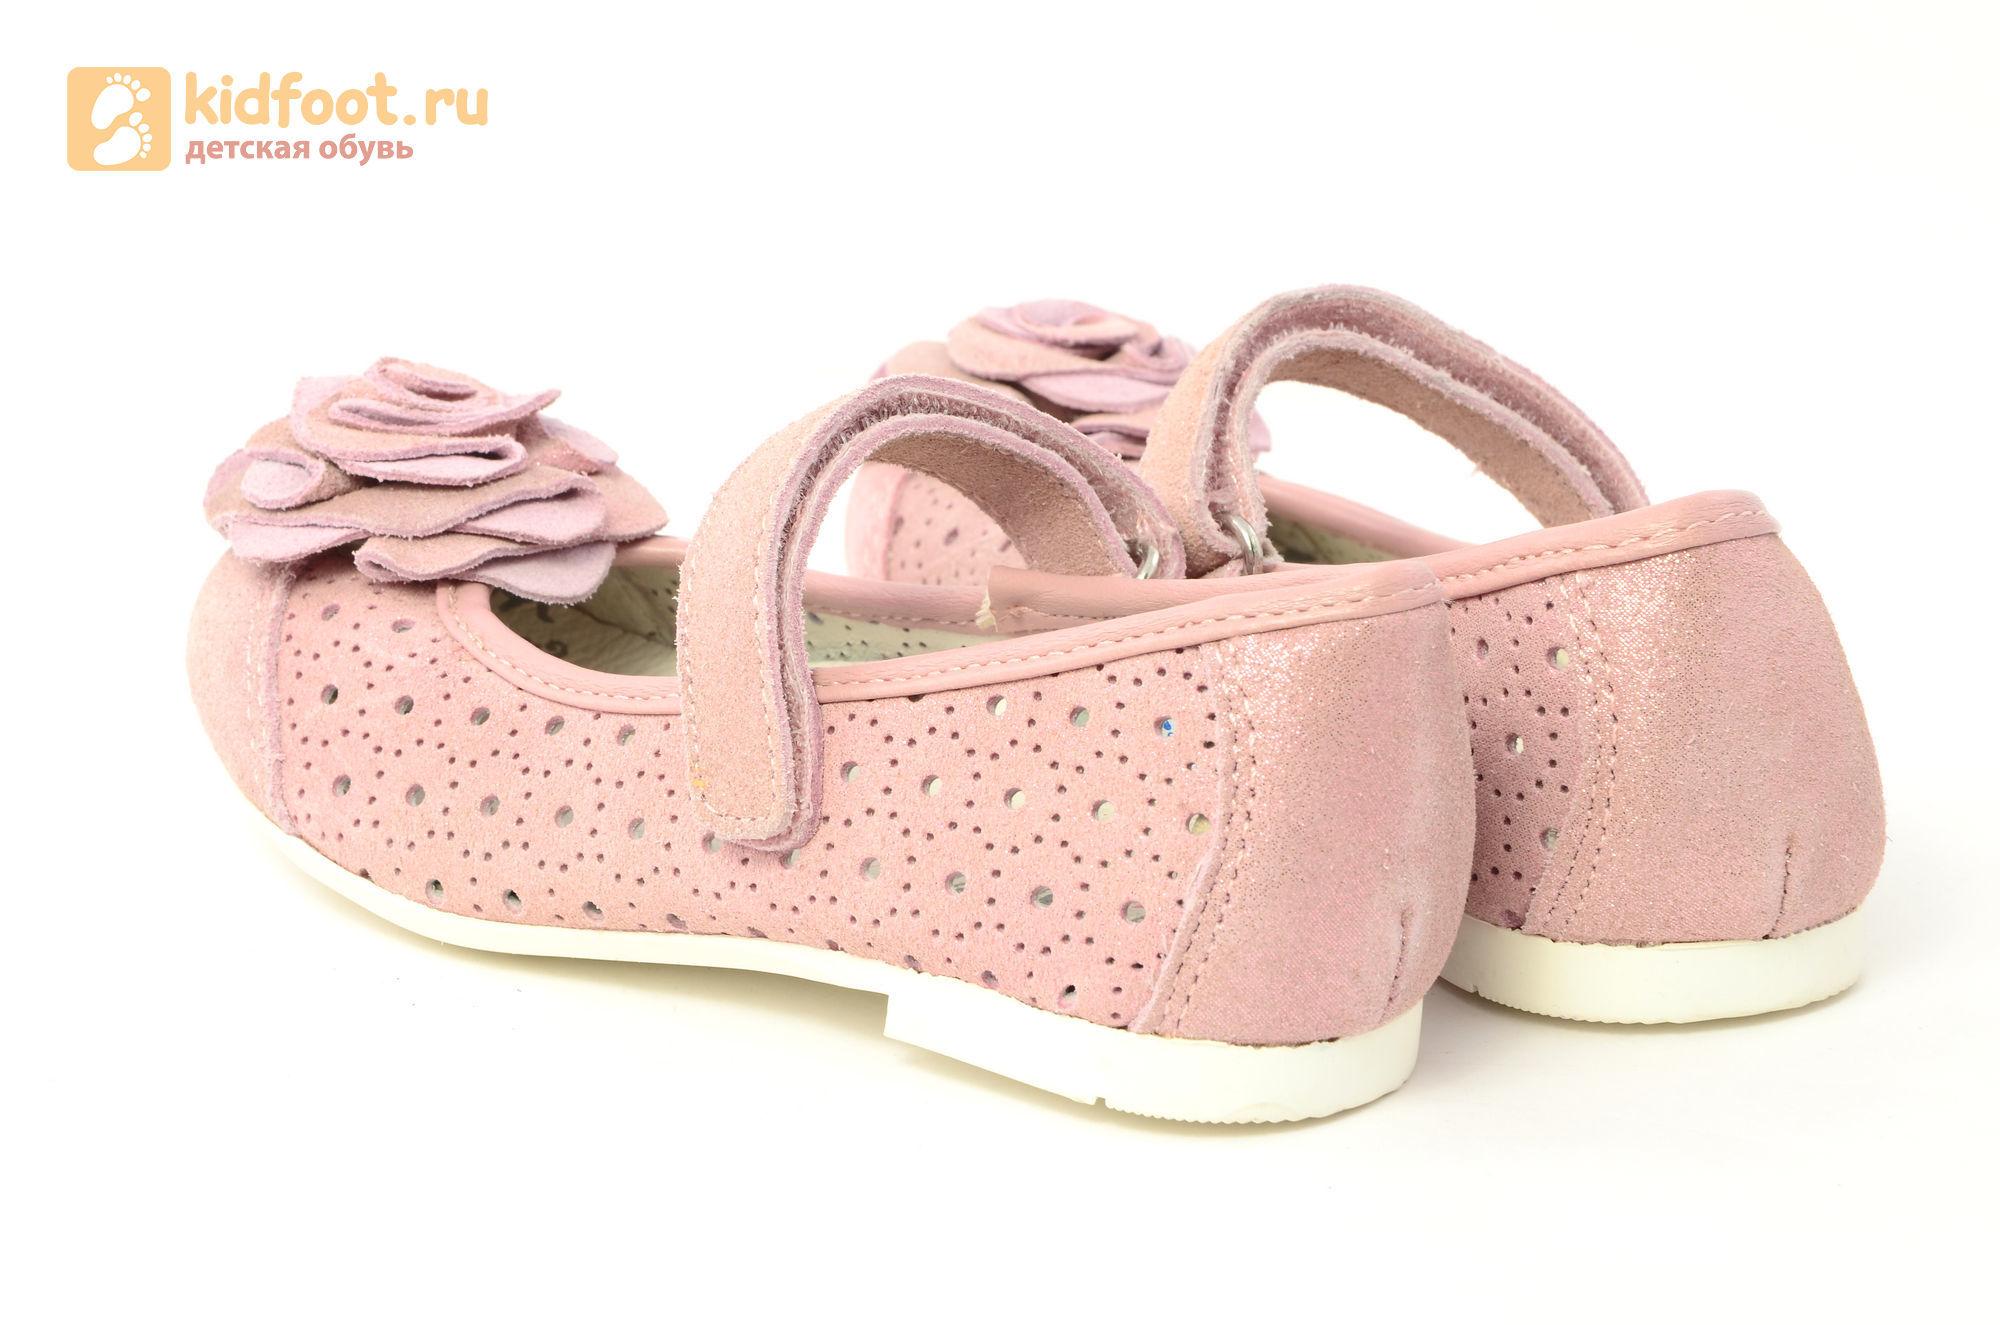 Детские туфли Котофей 332037-22 из натуральной кожи, для девочки, розовые